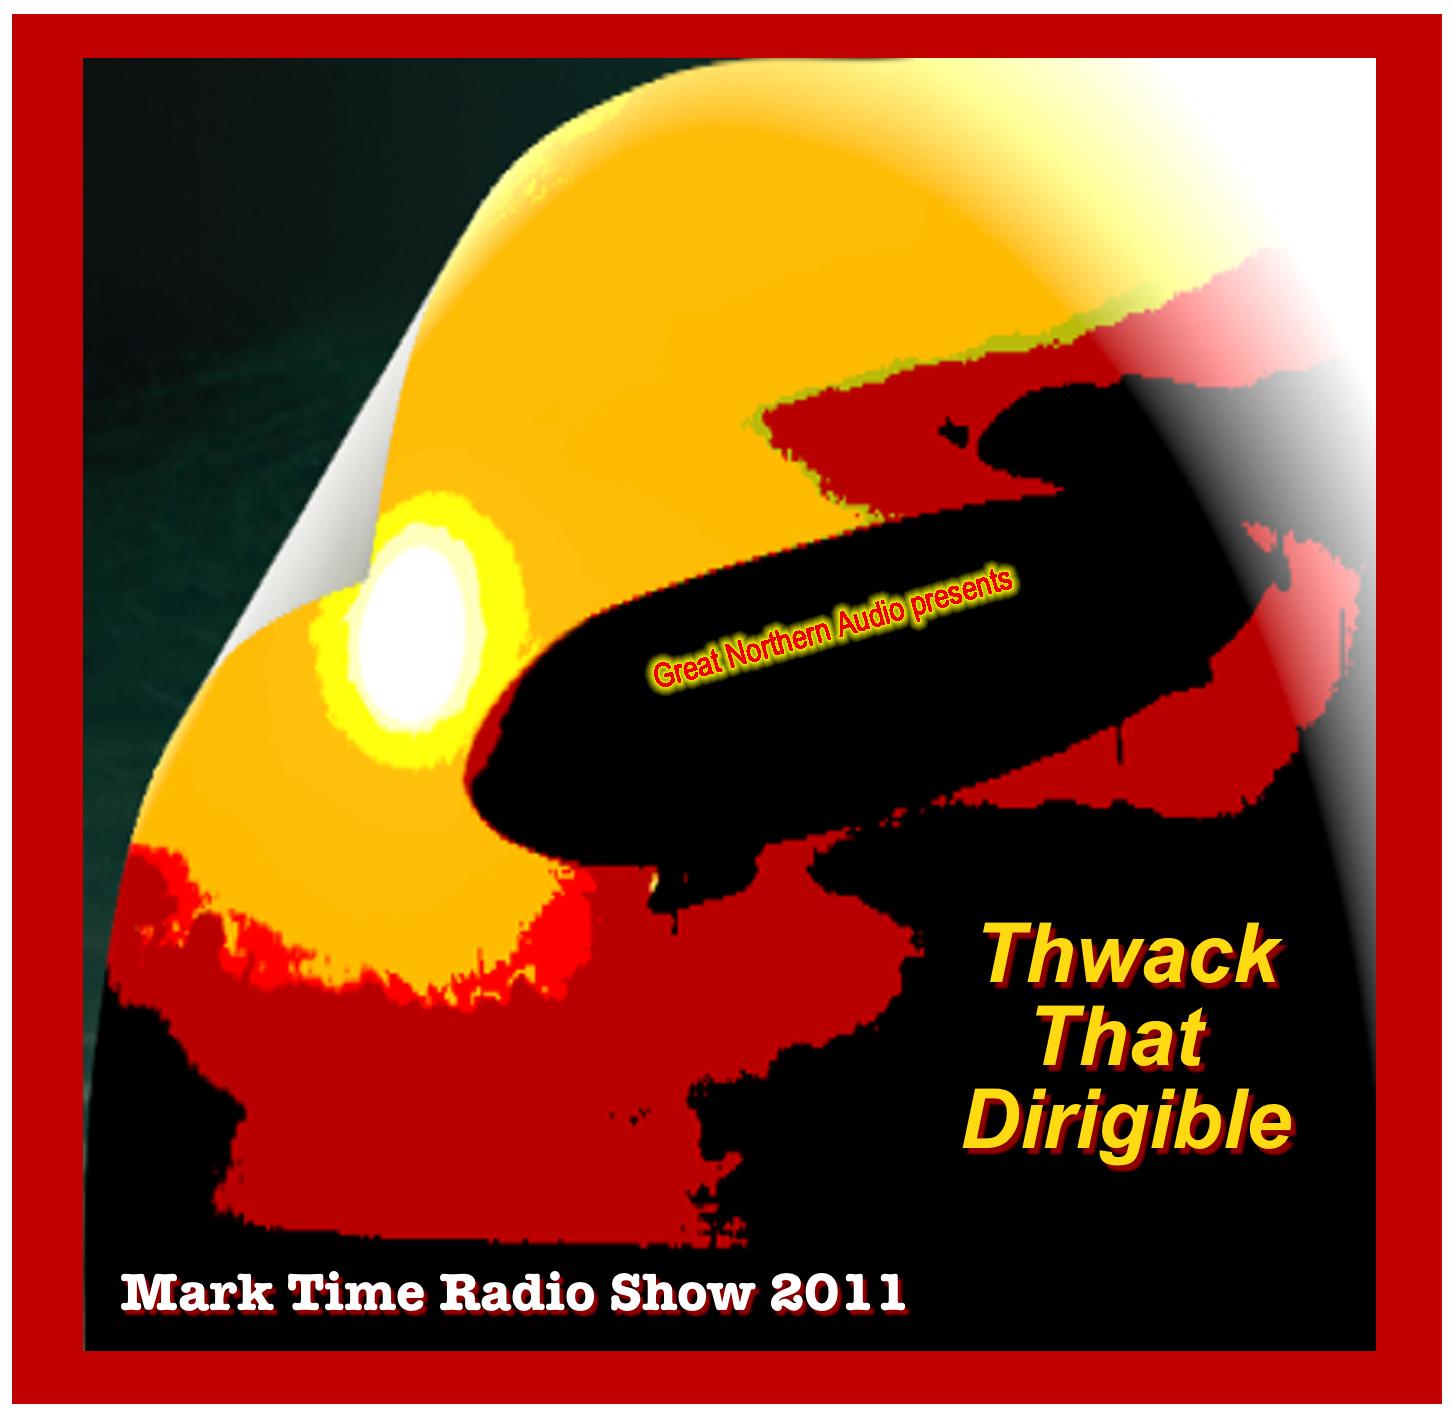 Thwack That Dirigible